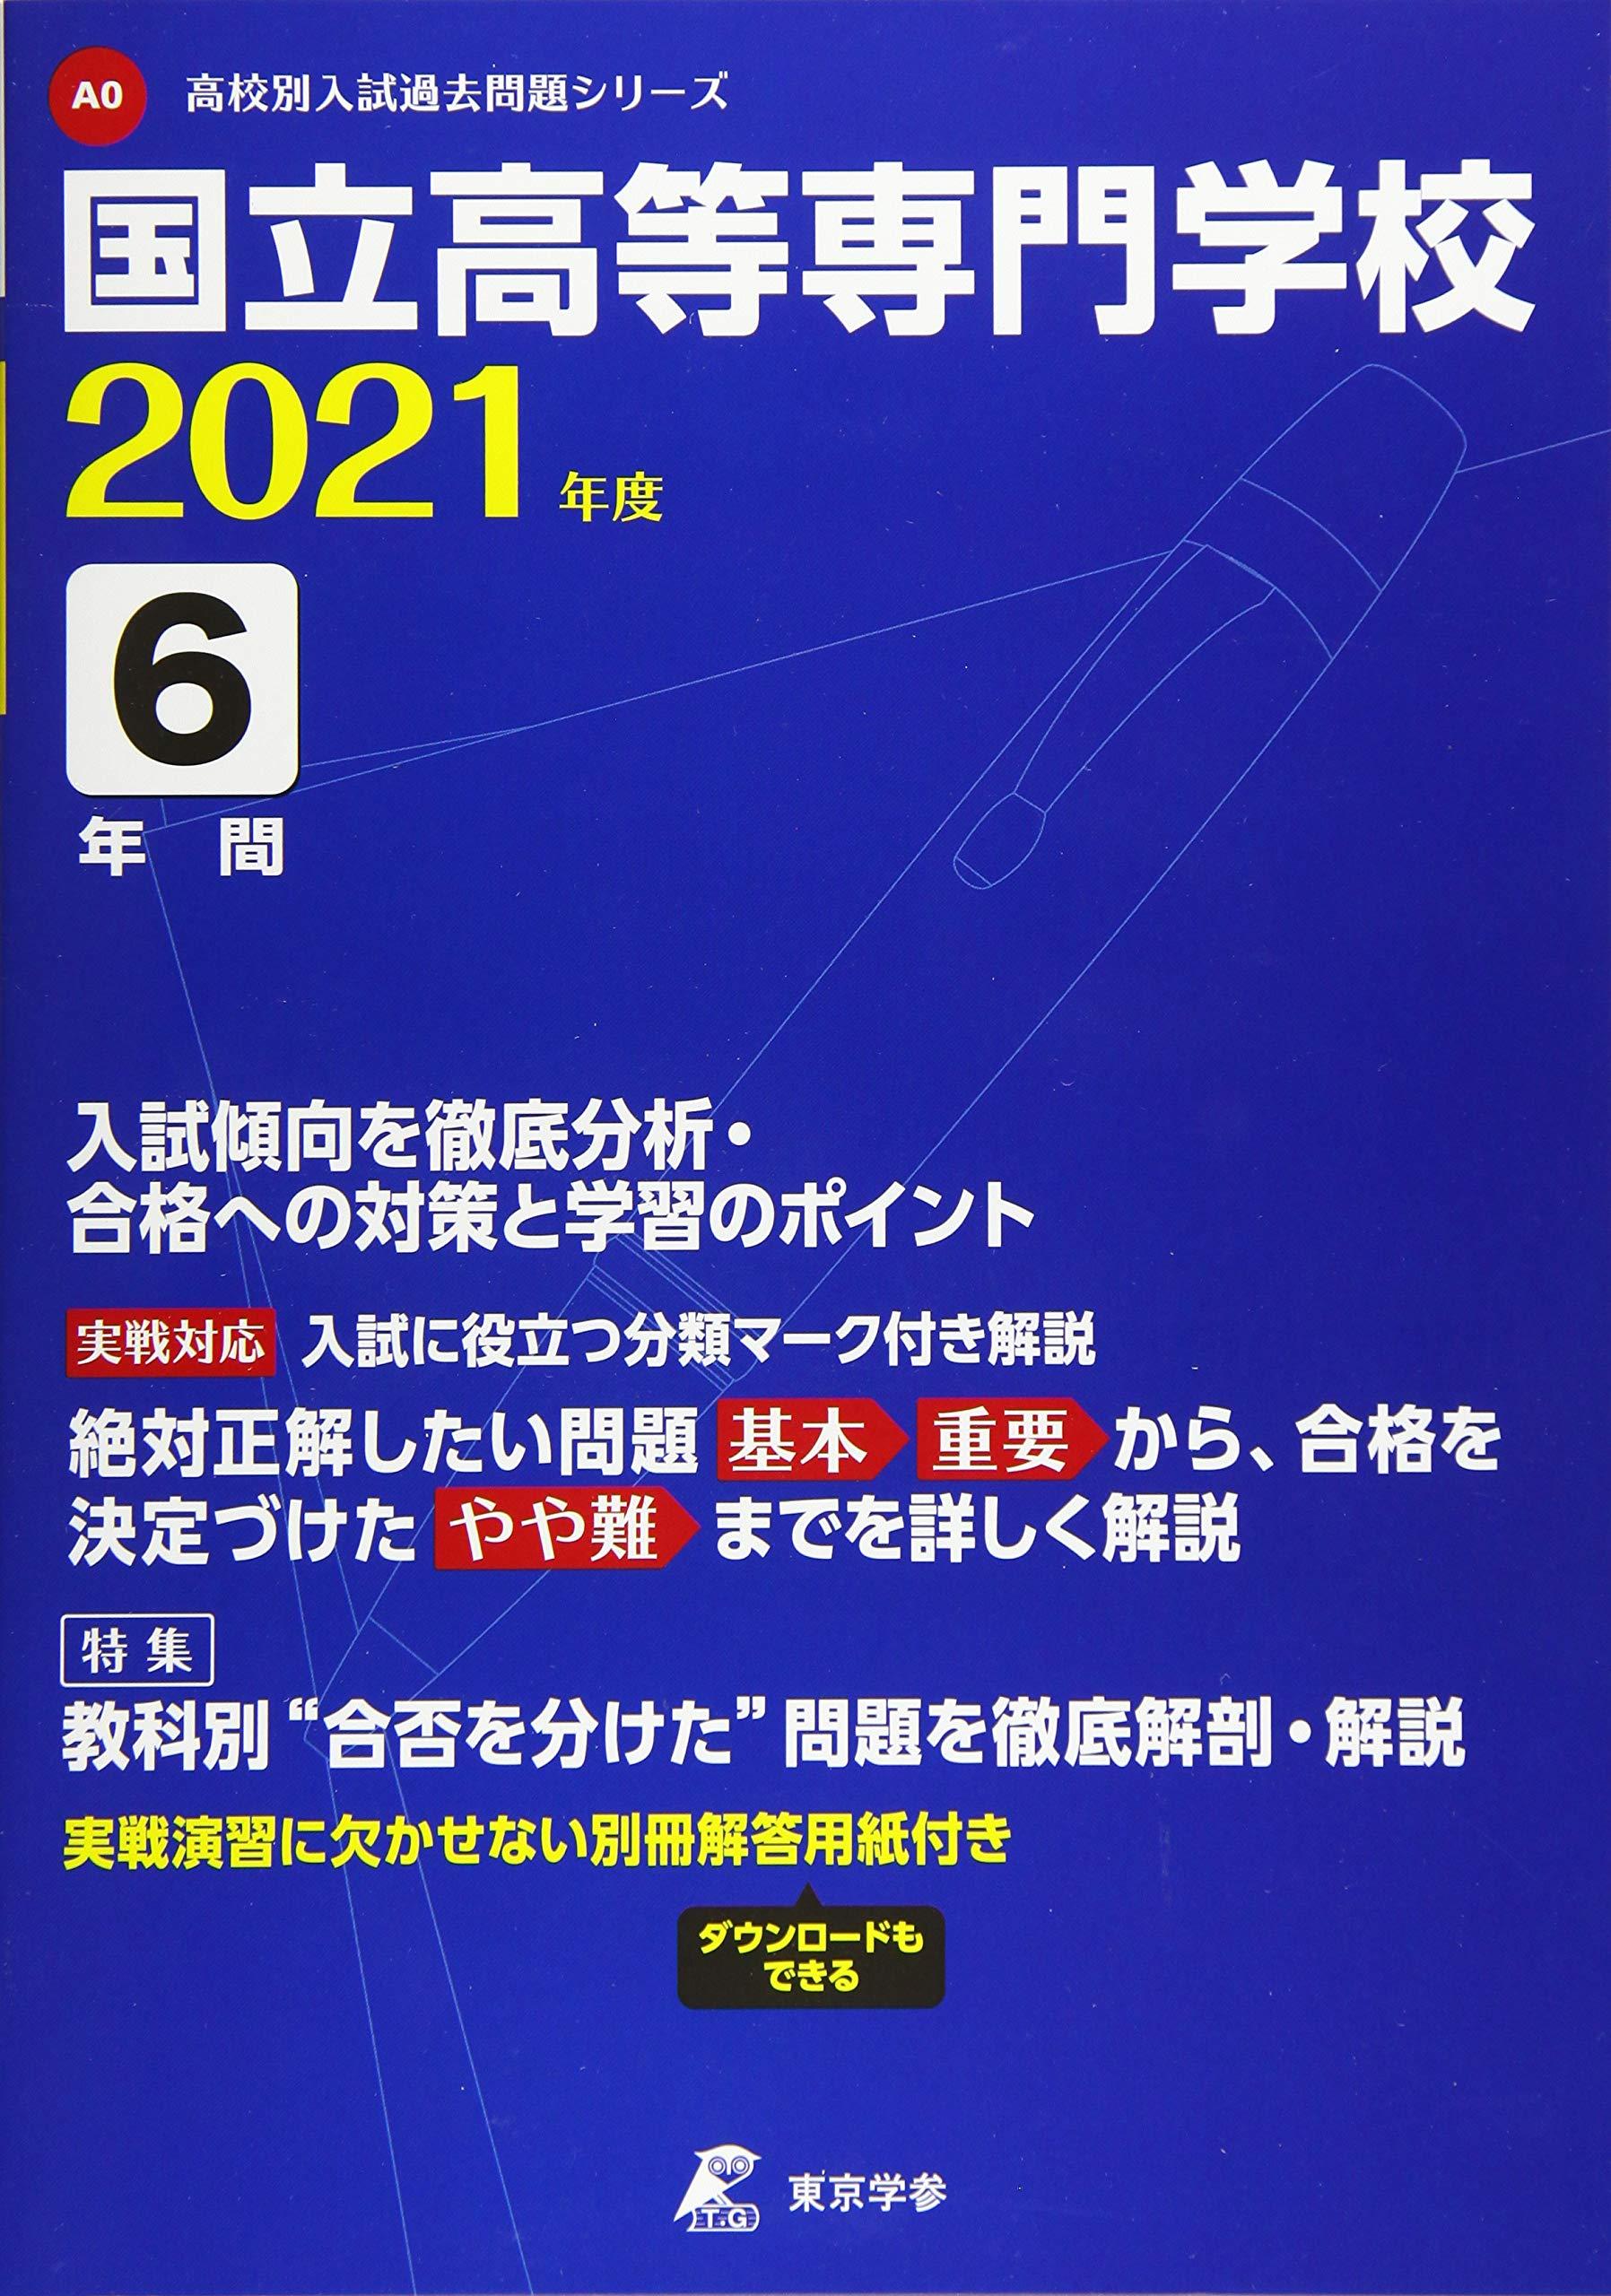 国立高等専門学校2021年度版